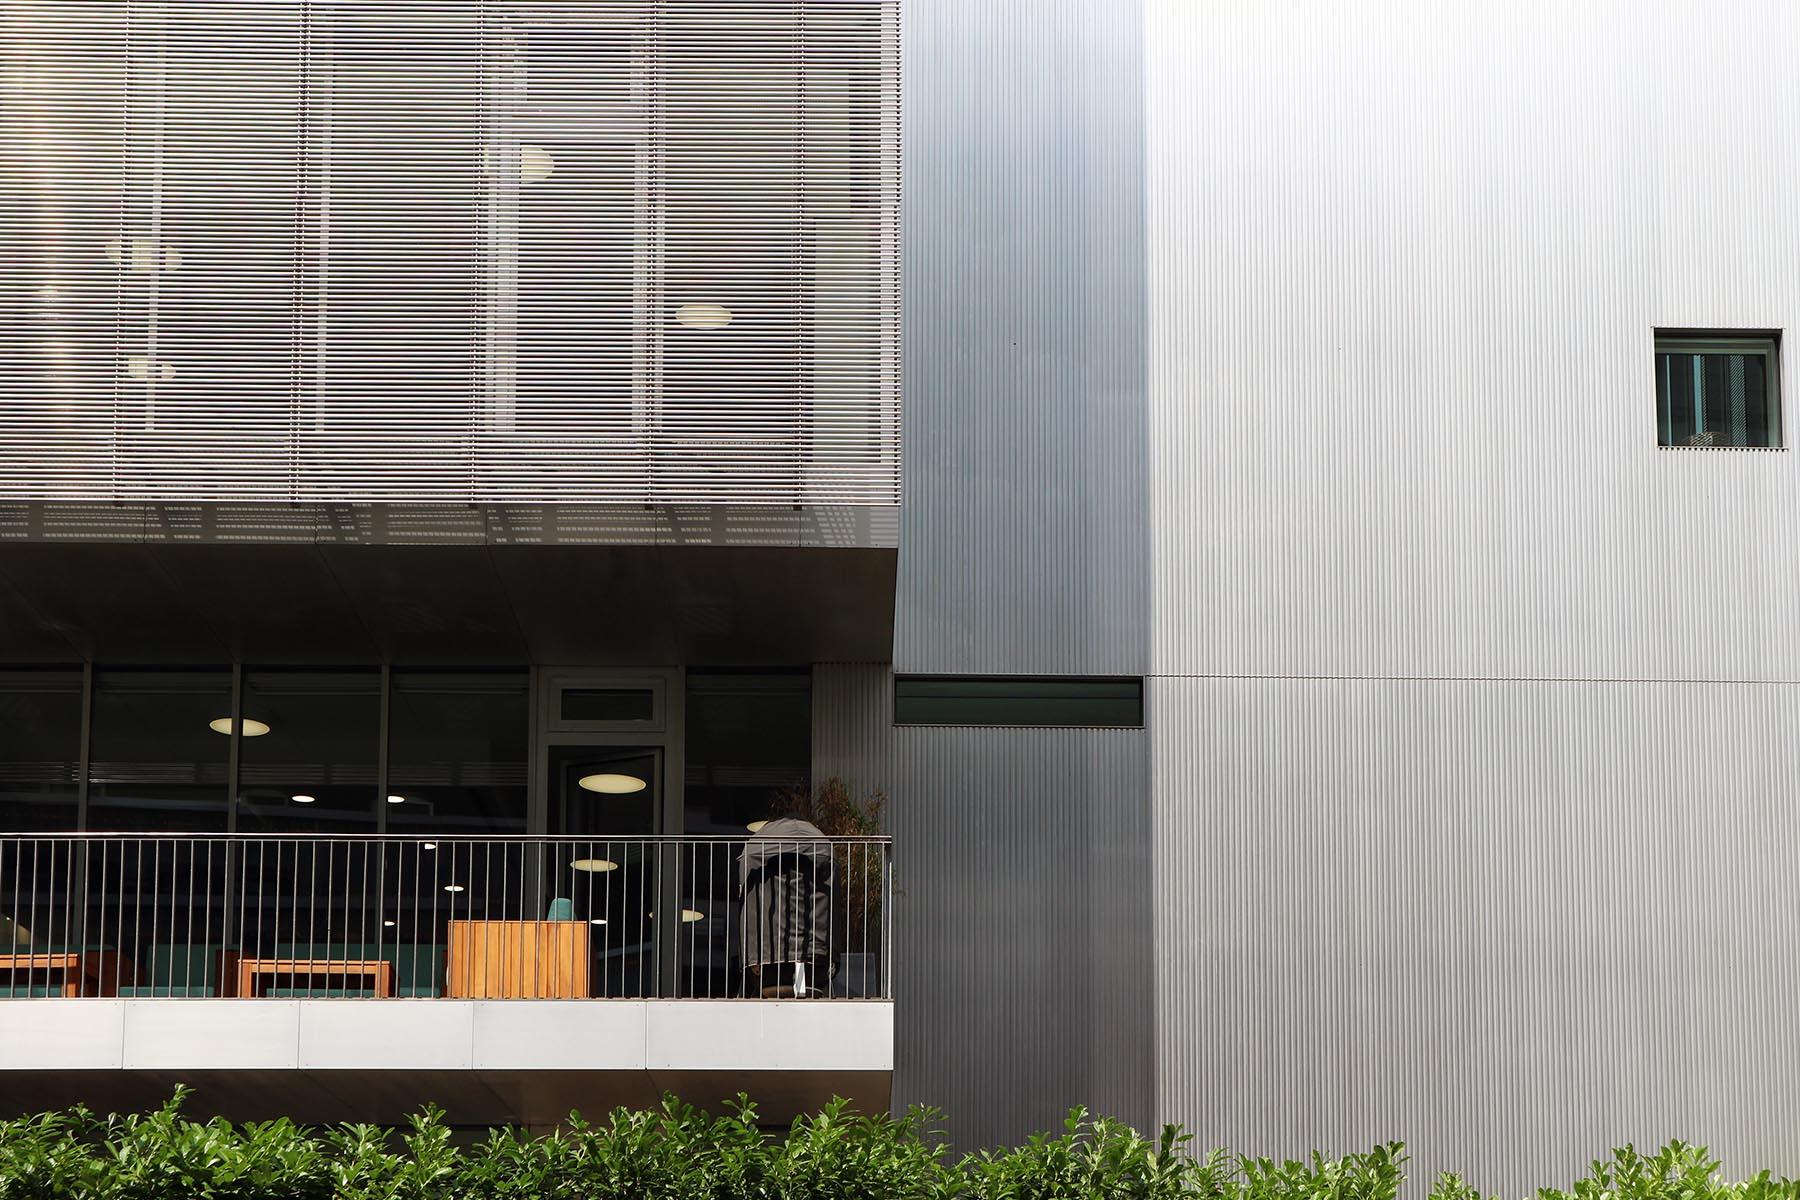 Maki-Solitär.  Der achtgeschossige Kubus des japanischen Pritzker-Preisträgers hat eine feingliedrige Fassade aus Aluminium und Glas.